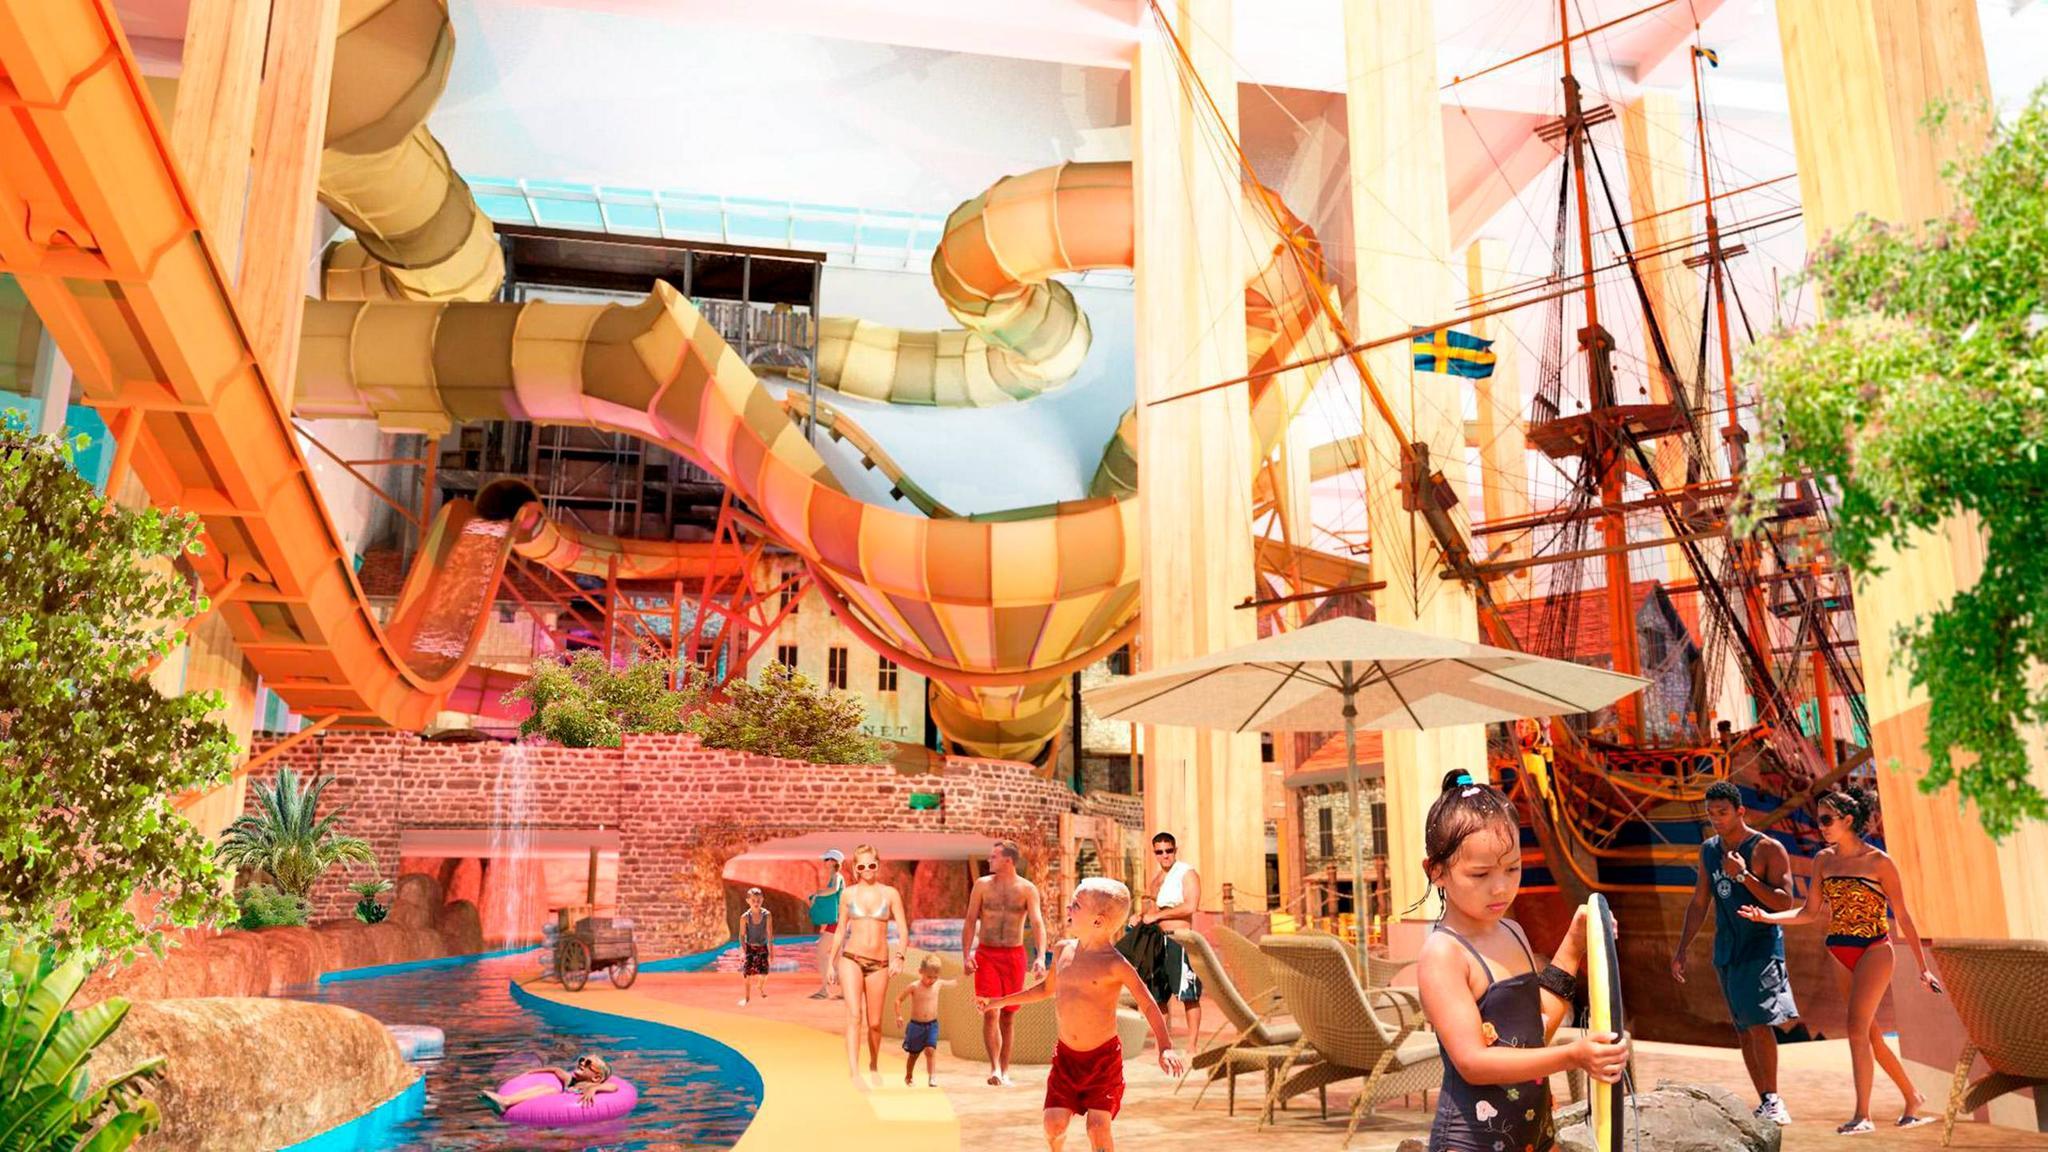 Förslag på Lisebergs nya äventyrsbad